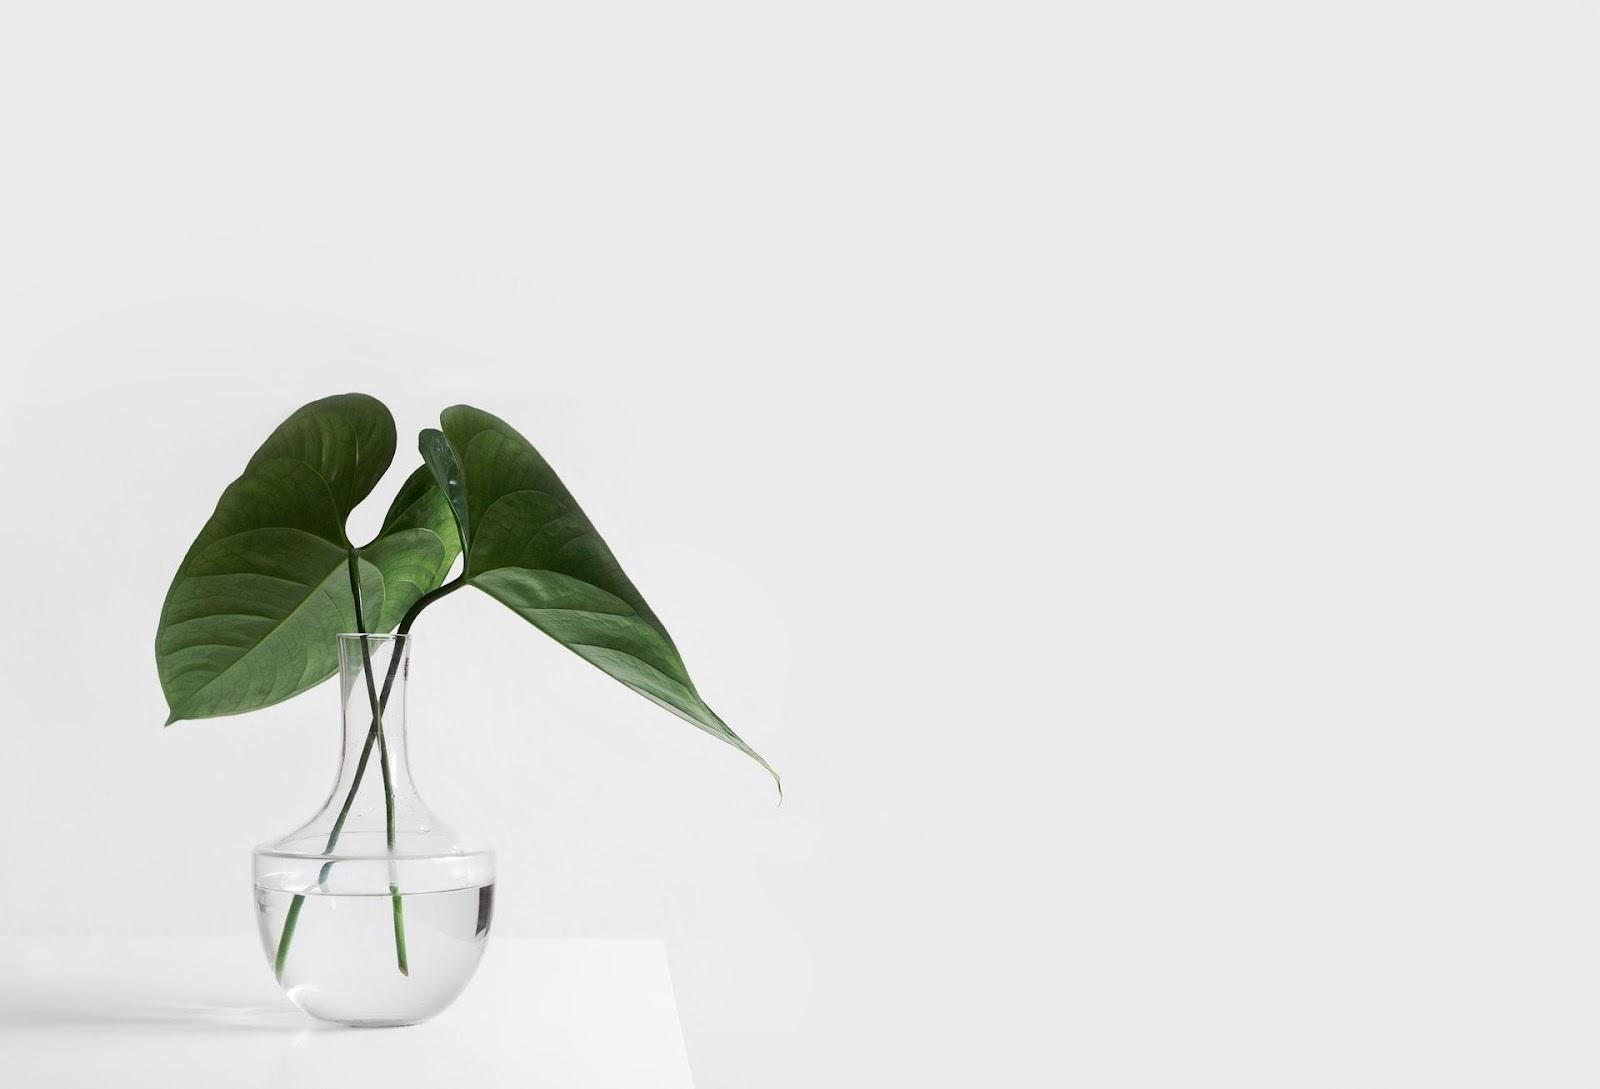 Vida frugal e minimalista: O que é frugalidade e como ela está relacionada ao minimalismo